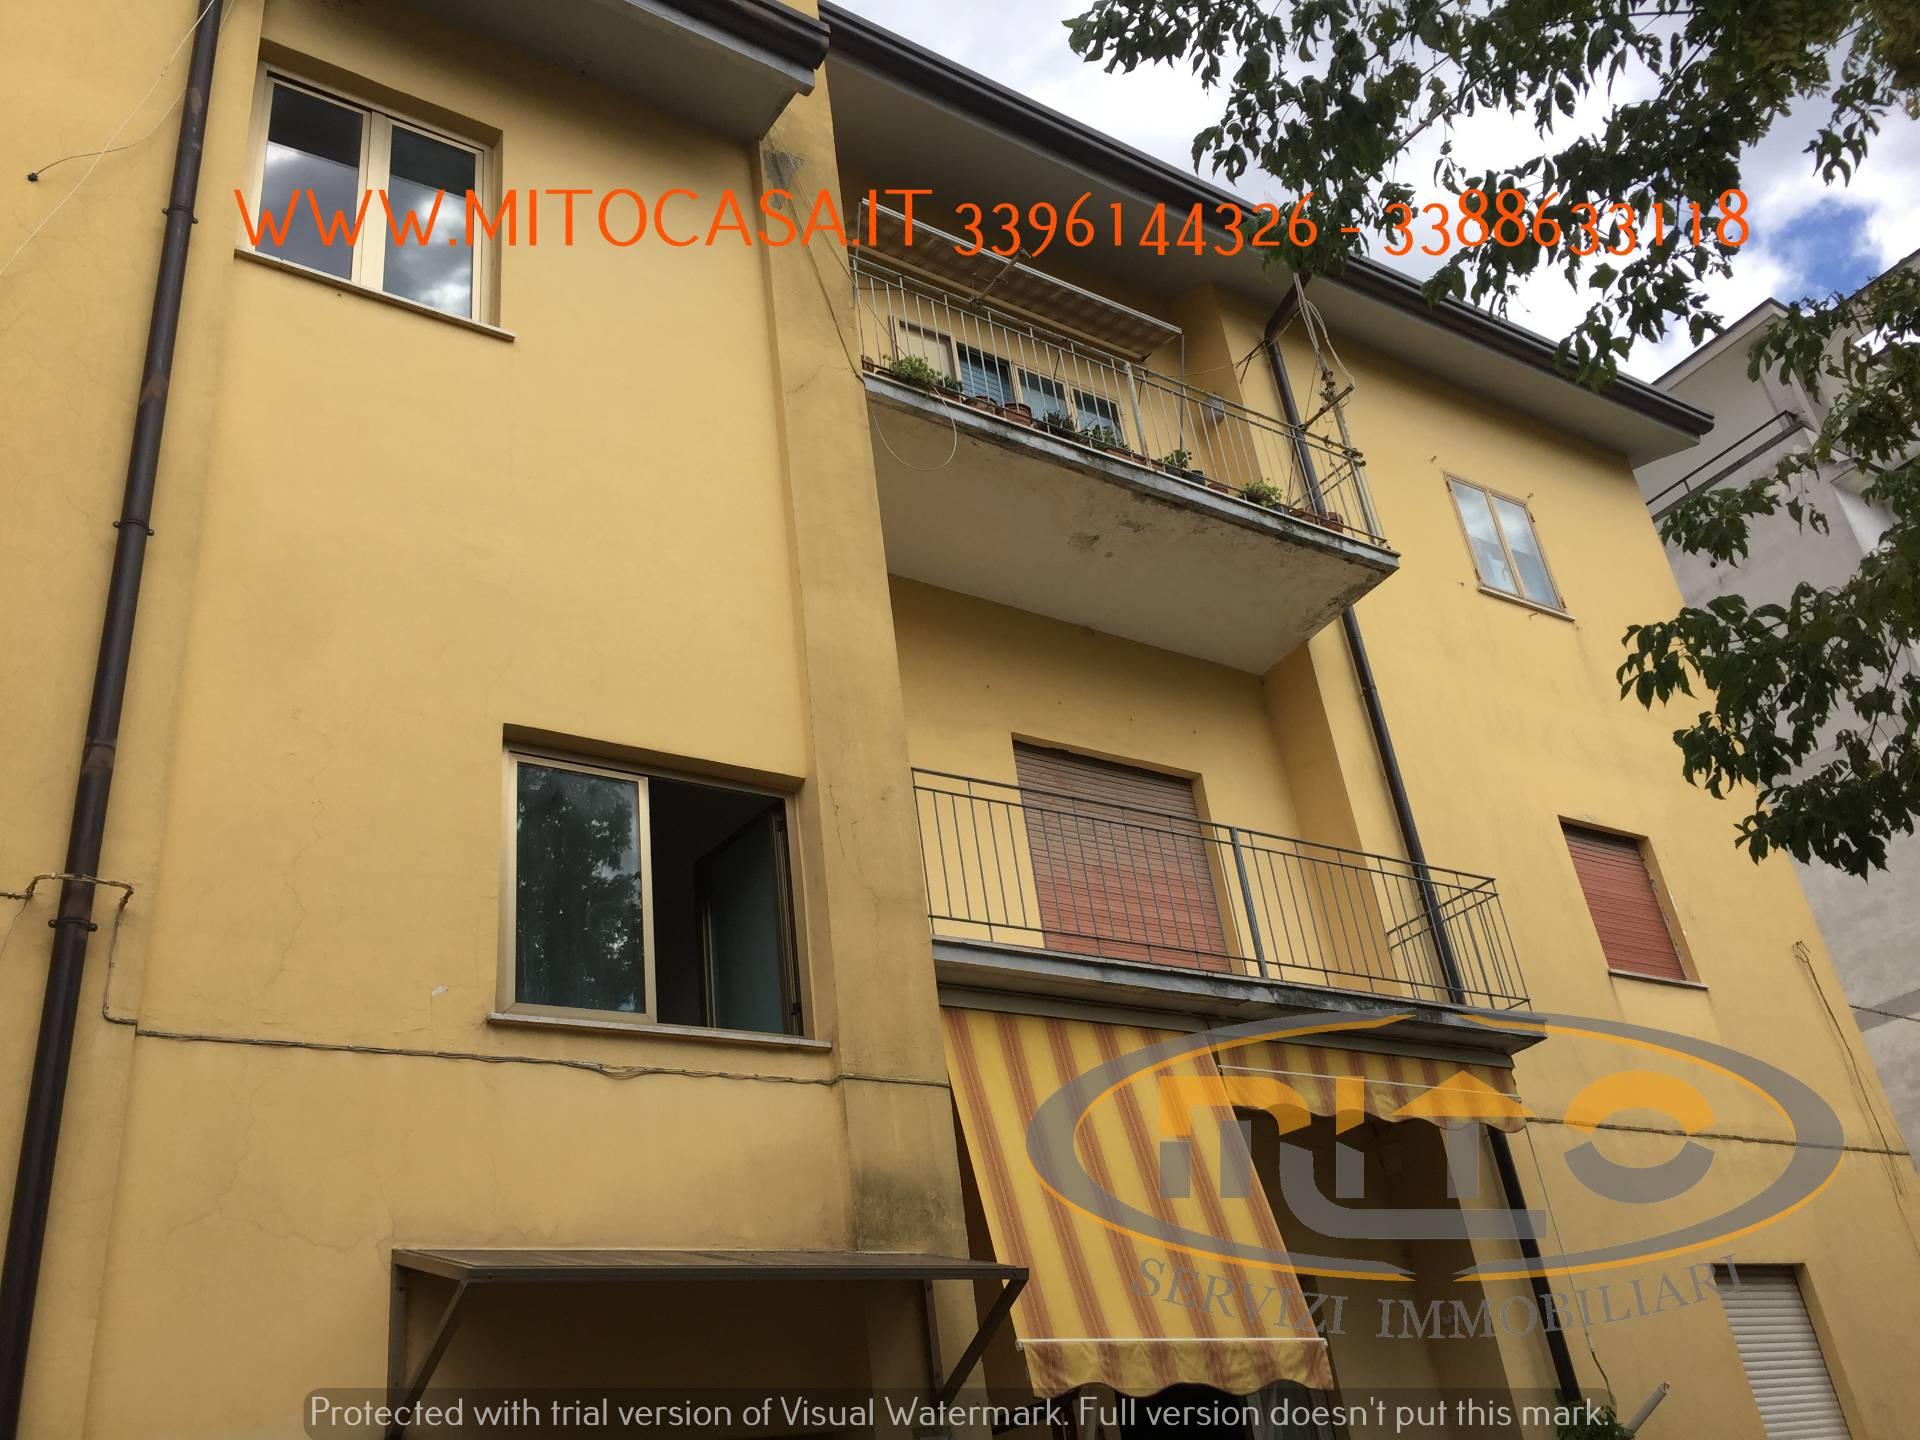 Appartamento in vendita a Telese Terme, 5 locali, prezzo € 50.000 | CambioCasa.it